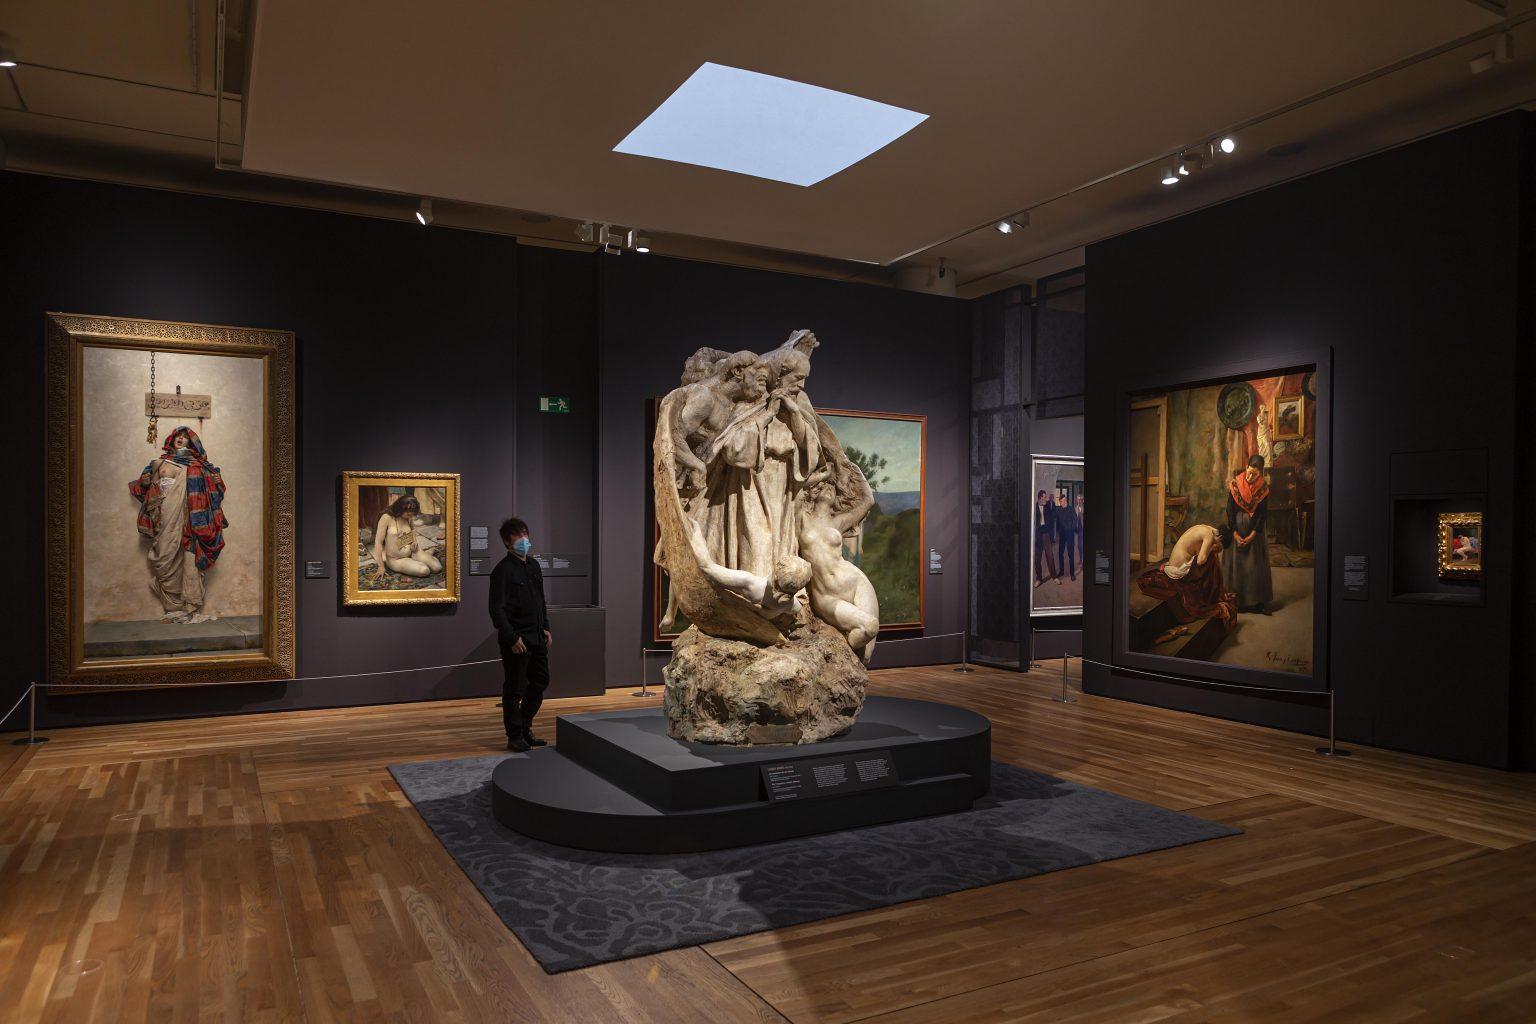 Imagen-de-las-salas-de-la-exposicion-Invitadas.-Foto-©-Museo-Nacional-del-Prado-1536x1024